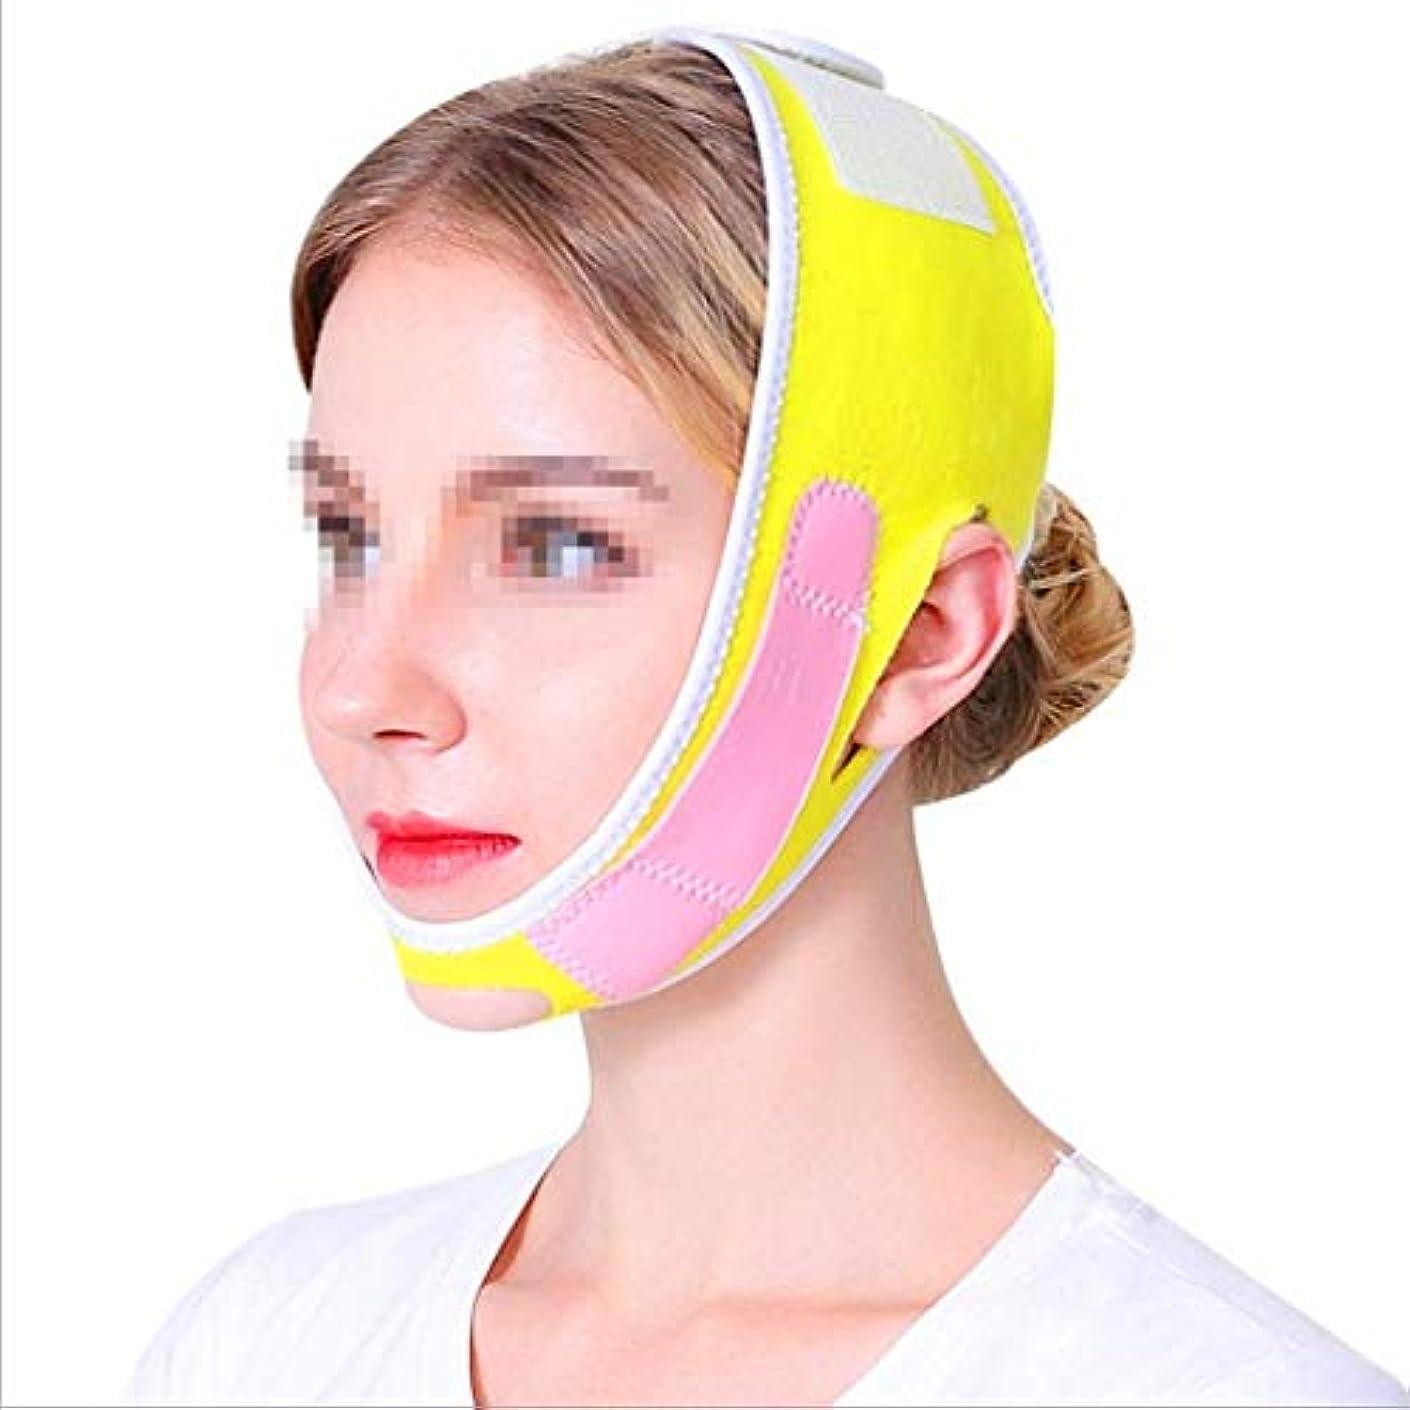 オセアニア鋭く汚物フェイスリフトマスク、Vフェイスフェイシャルリフティング、およびローラインにしっかりと締め付けます二重あごの美容整形包帯マルチカラーオプション(カラー:イエロー),黄